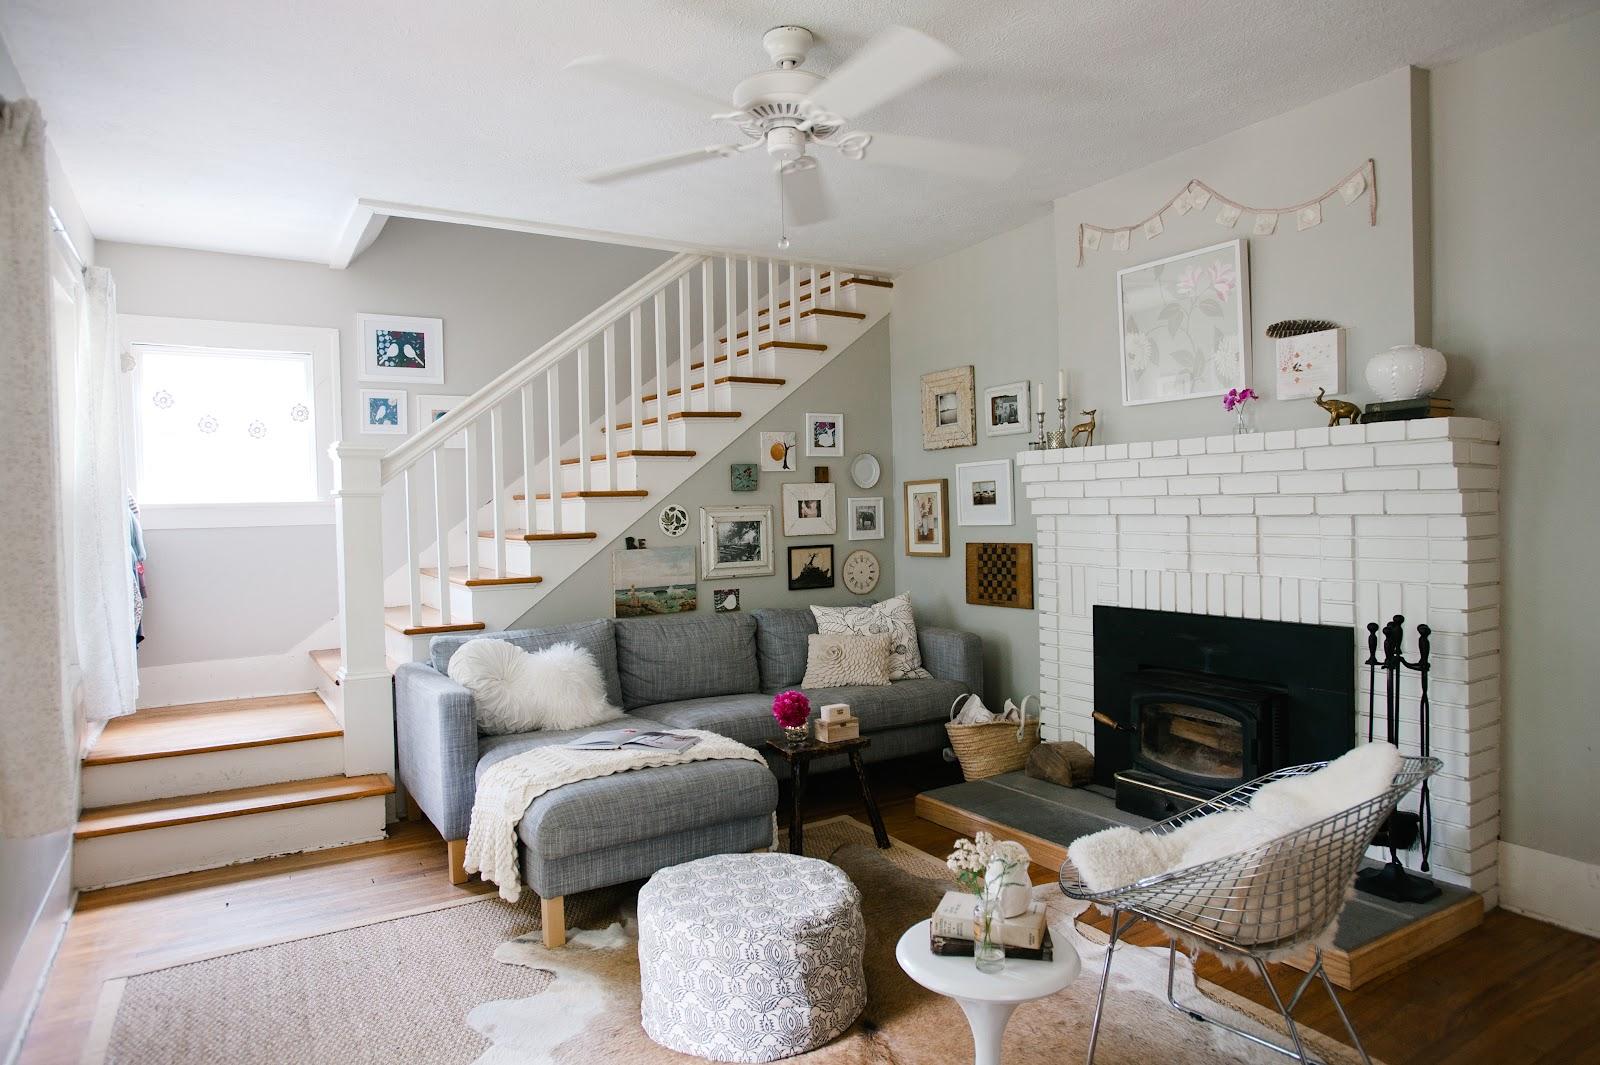 une d coration douce et harmonieuse frenchy fancy. Black Bedroom Furniture Sets. Home Design Ideas